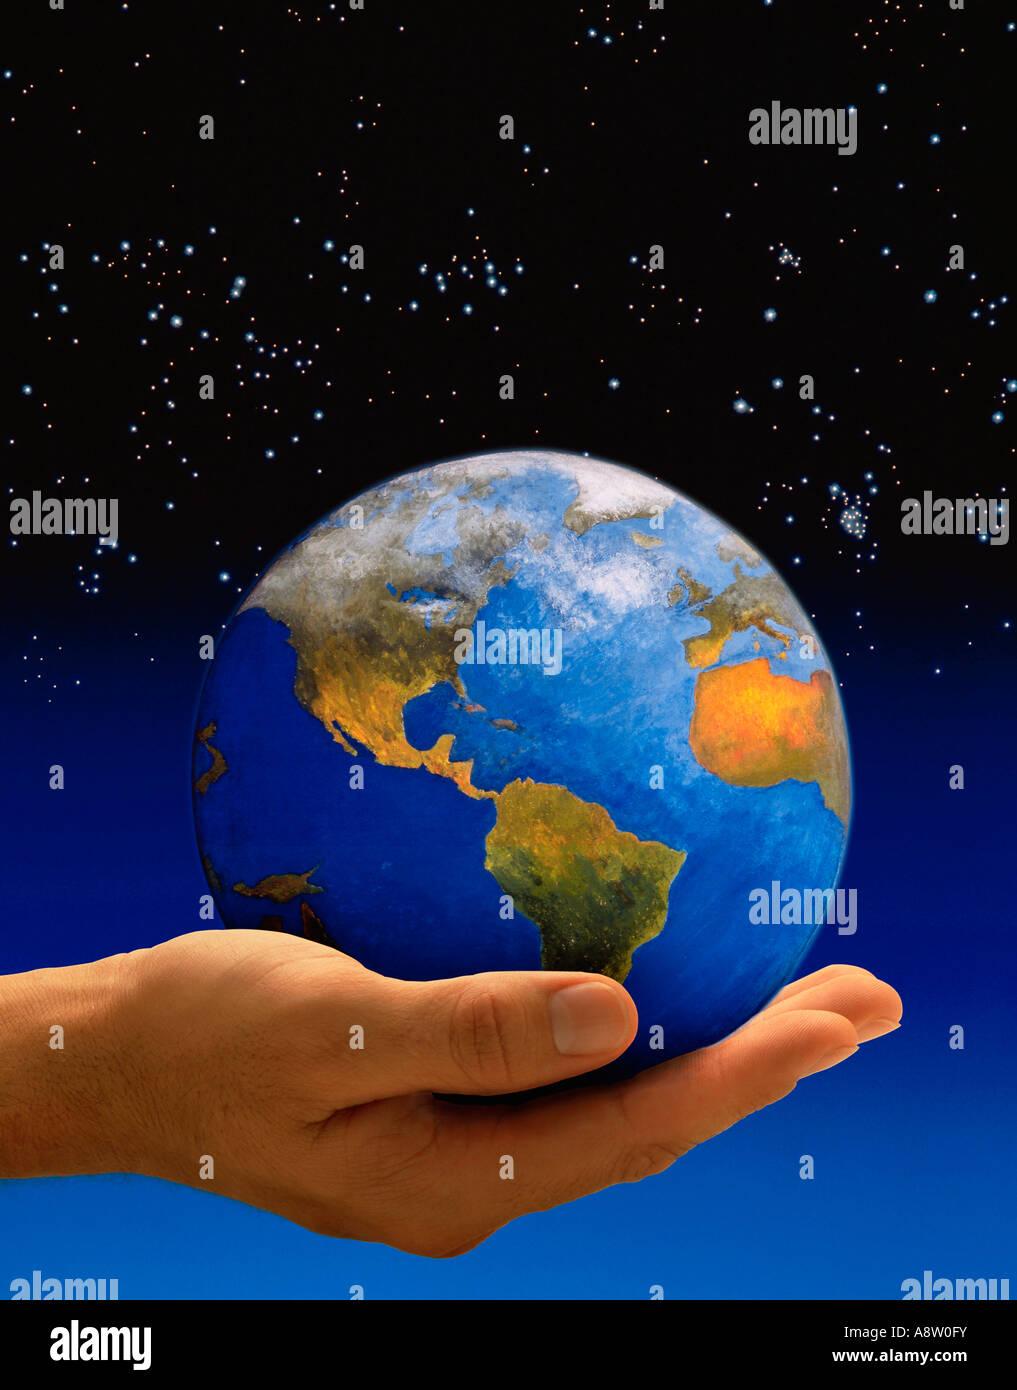 Concetto montage del pianeta terra globe tenutosi in palmo di mano d'uomo. Immagini Stock